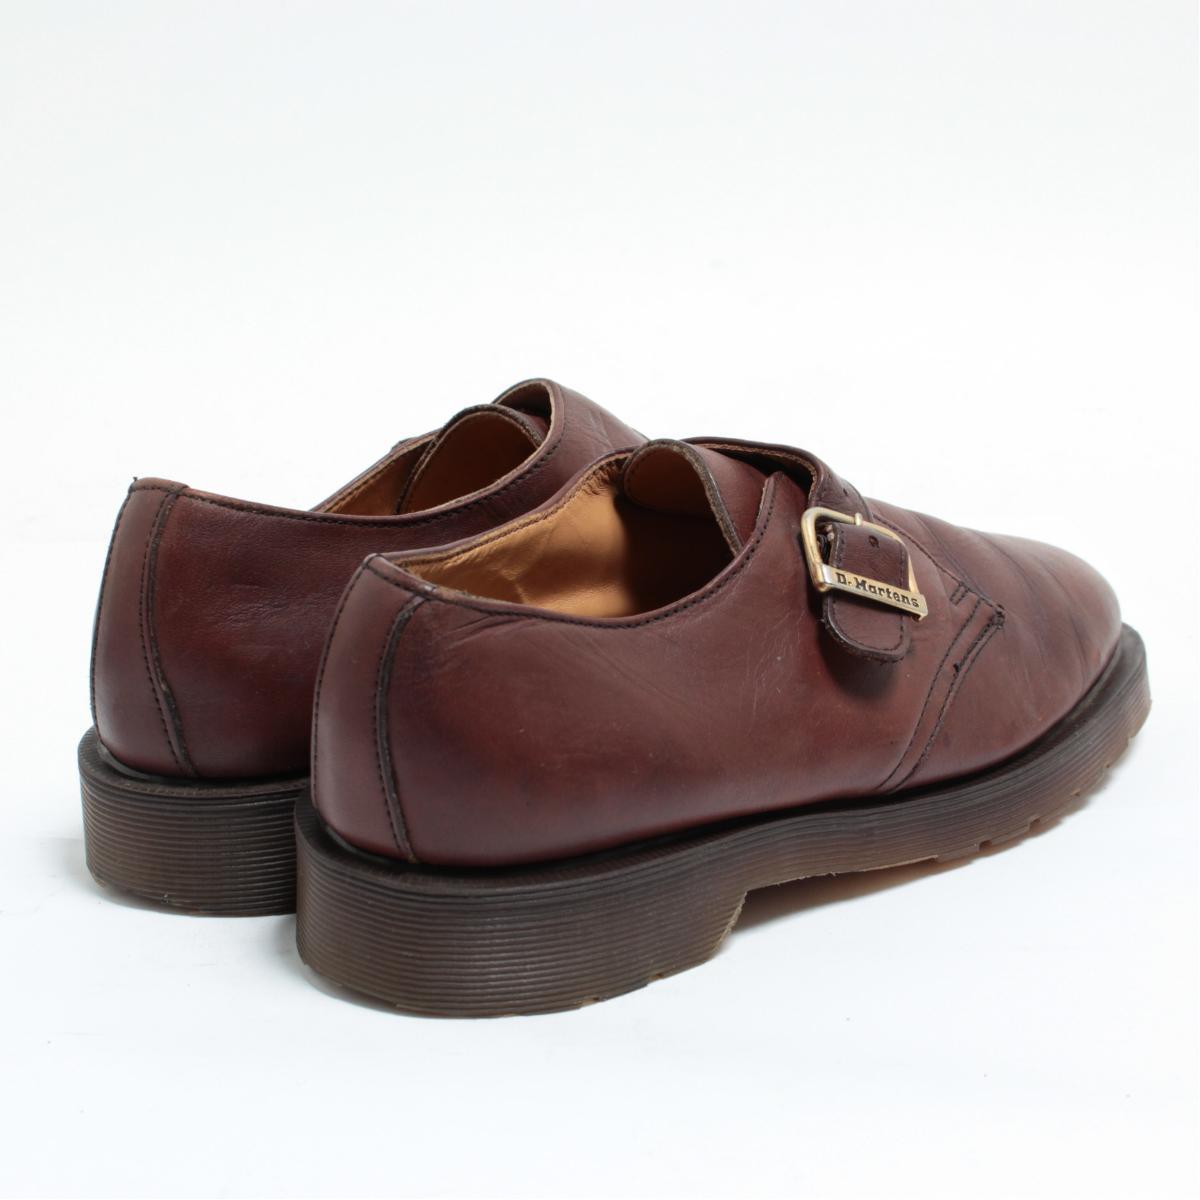 UK6 .5 men's 25.0cm /boj8521 made in the doctor Martin Dr.Martens Monk strap shoes U.K.